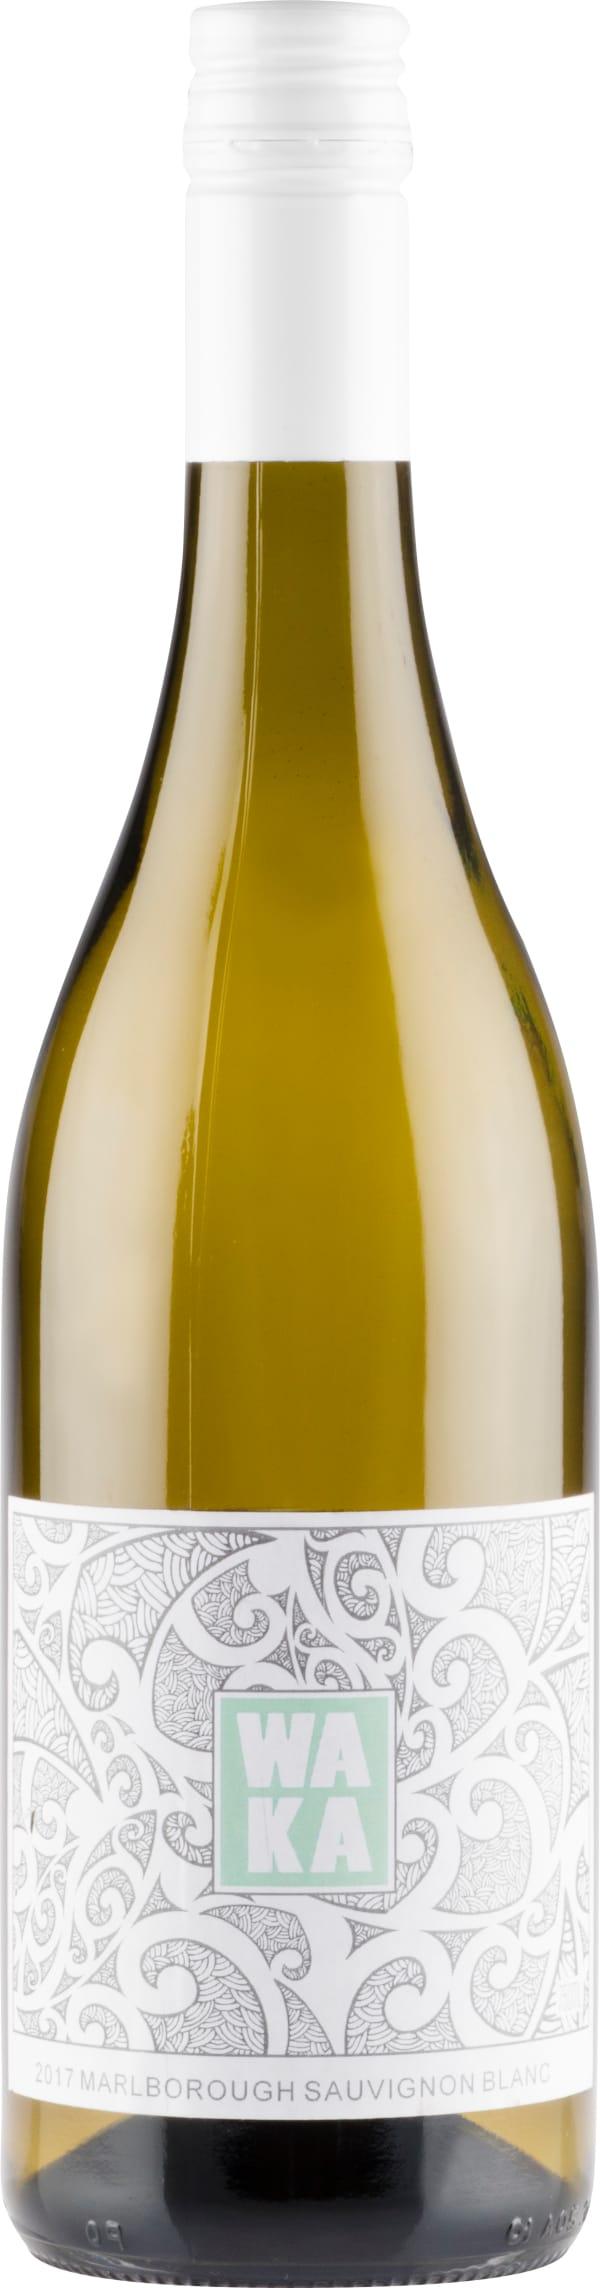 Waka Sauvignon Blanc 2019